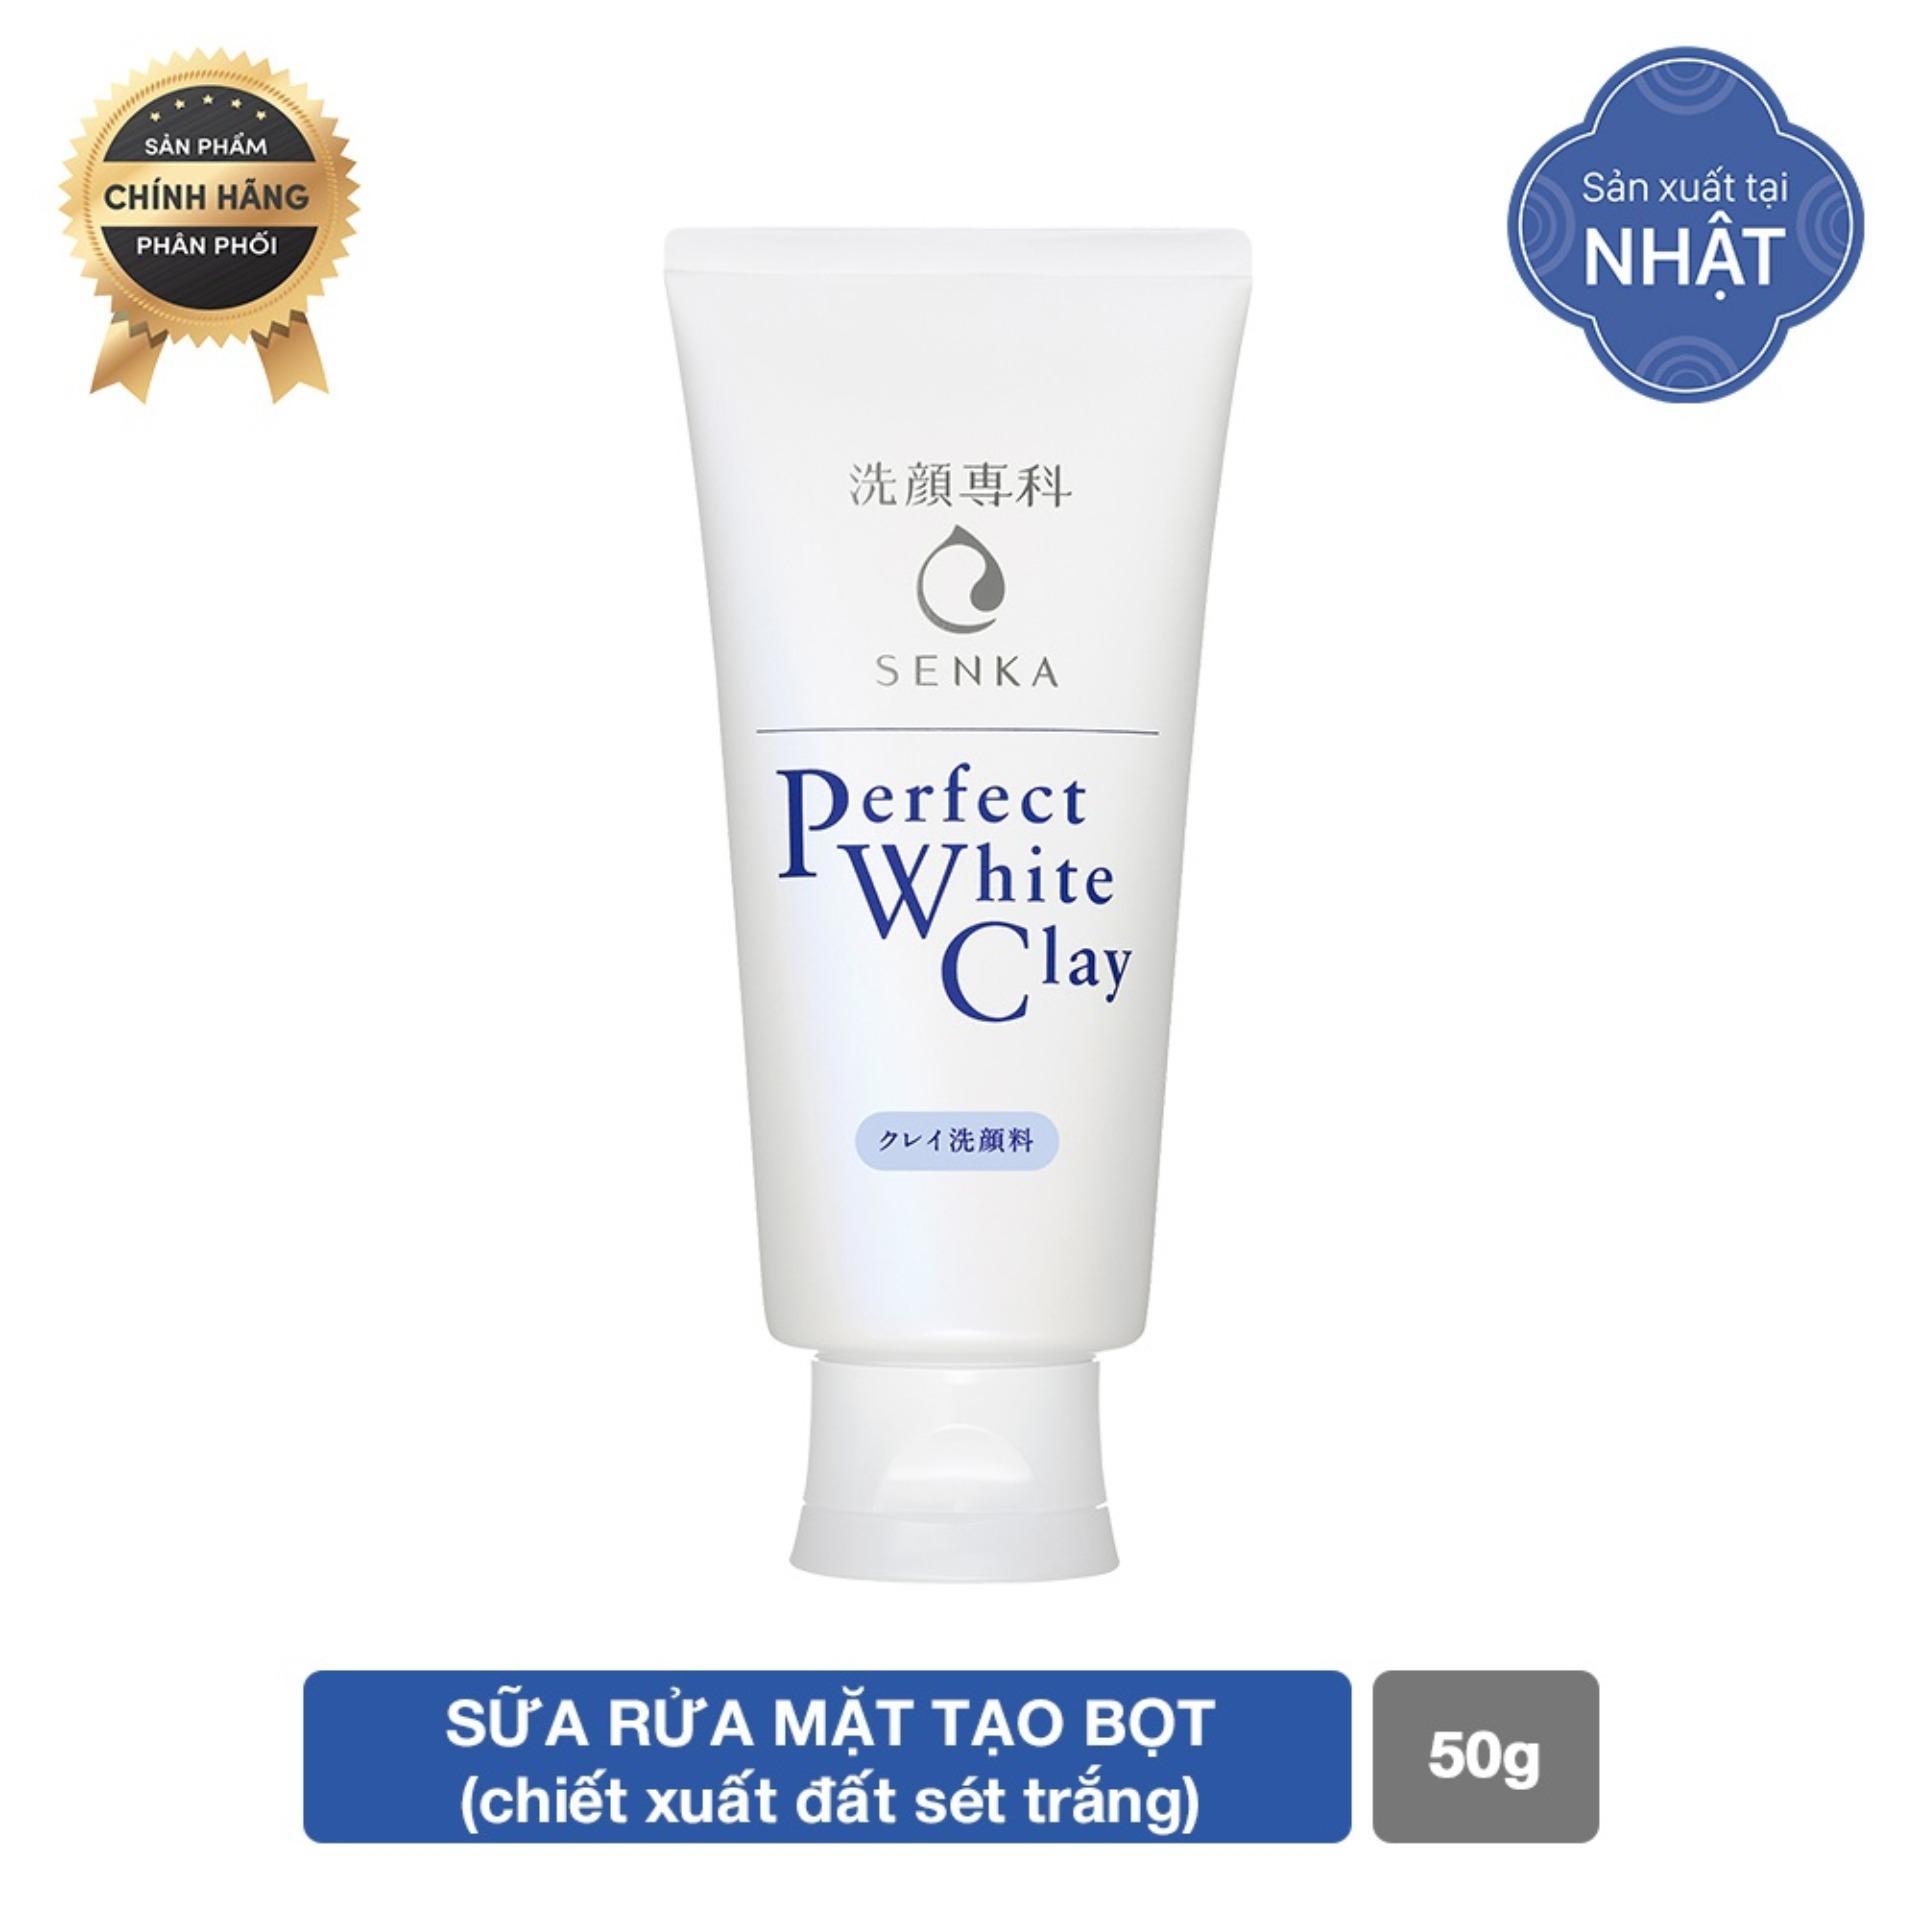 GIFT_Sữa rửa mặt đất sét trắng Senka Perfect White Clay 50g tốt nhất